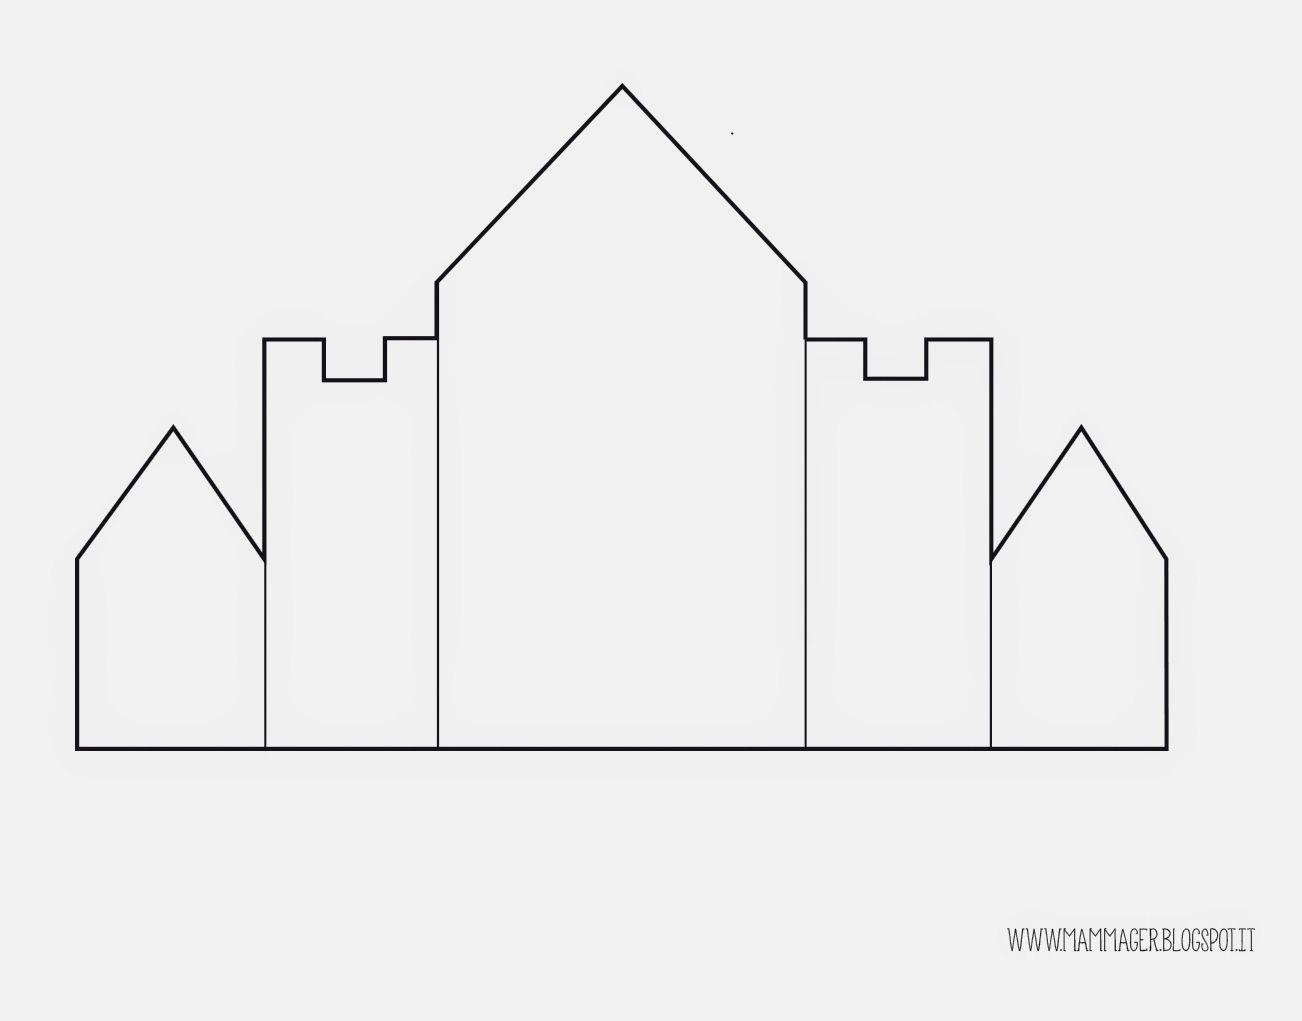 Modelli di casette per presepe da stampare e costruire for Modelli di case da costruire